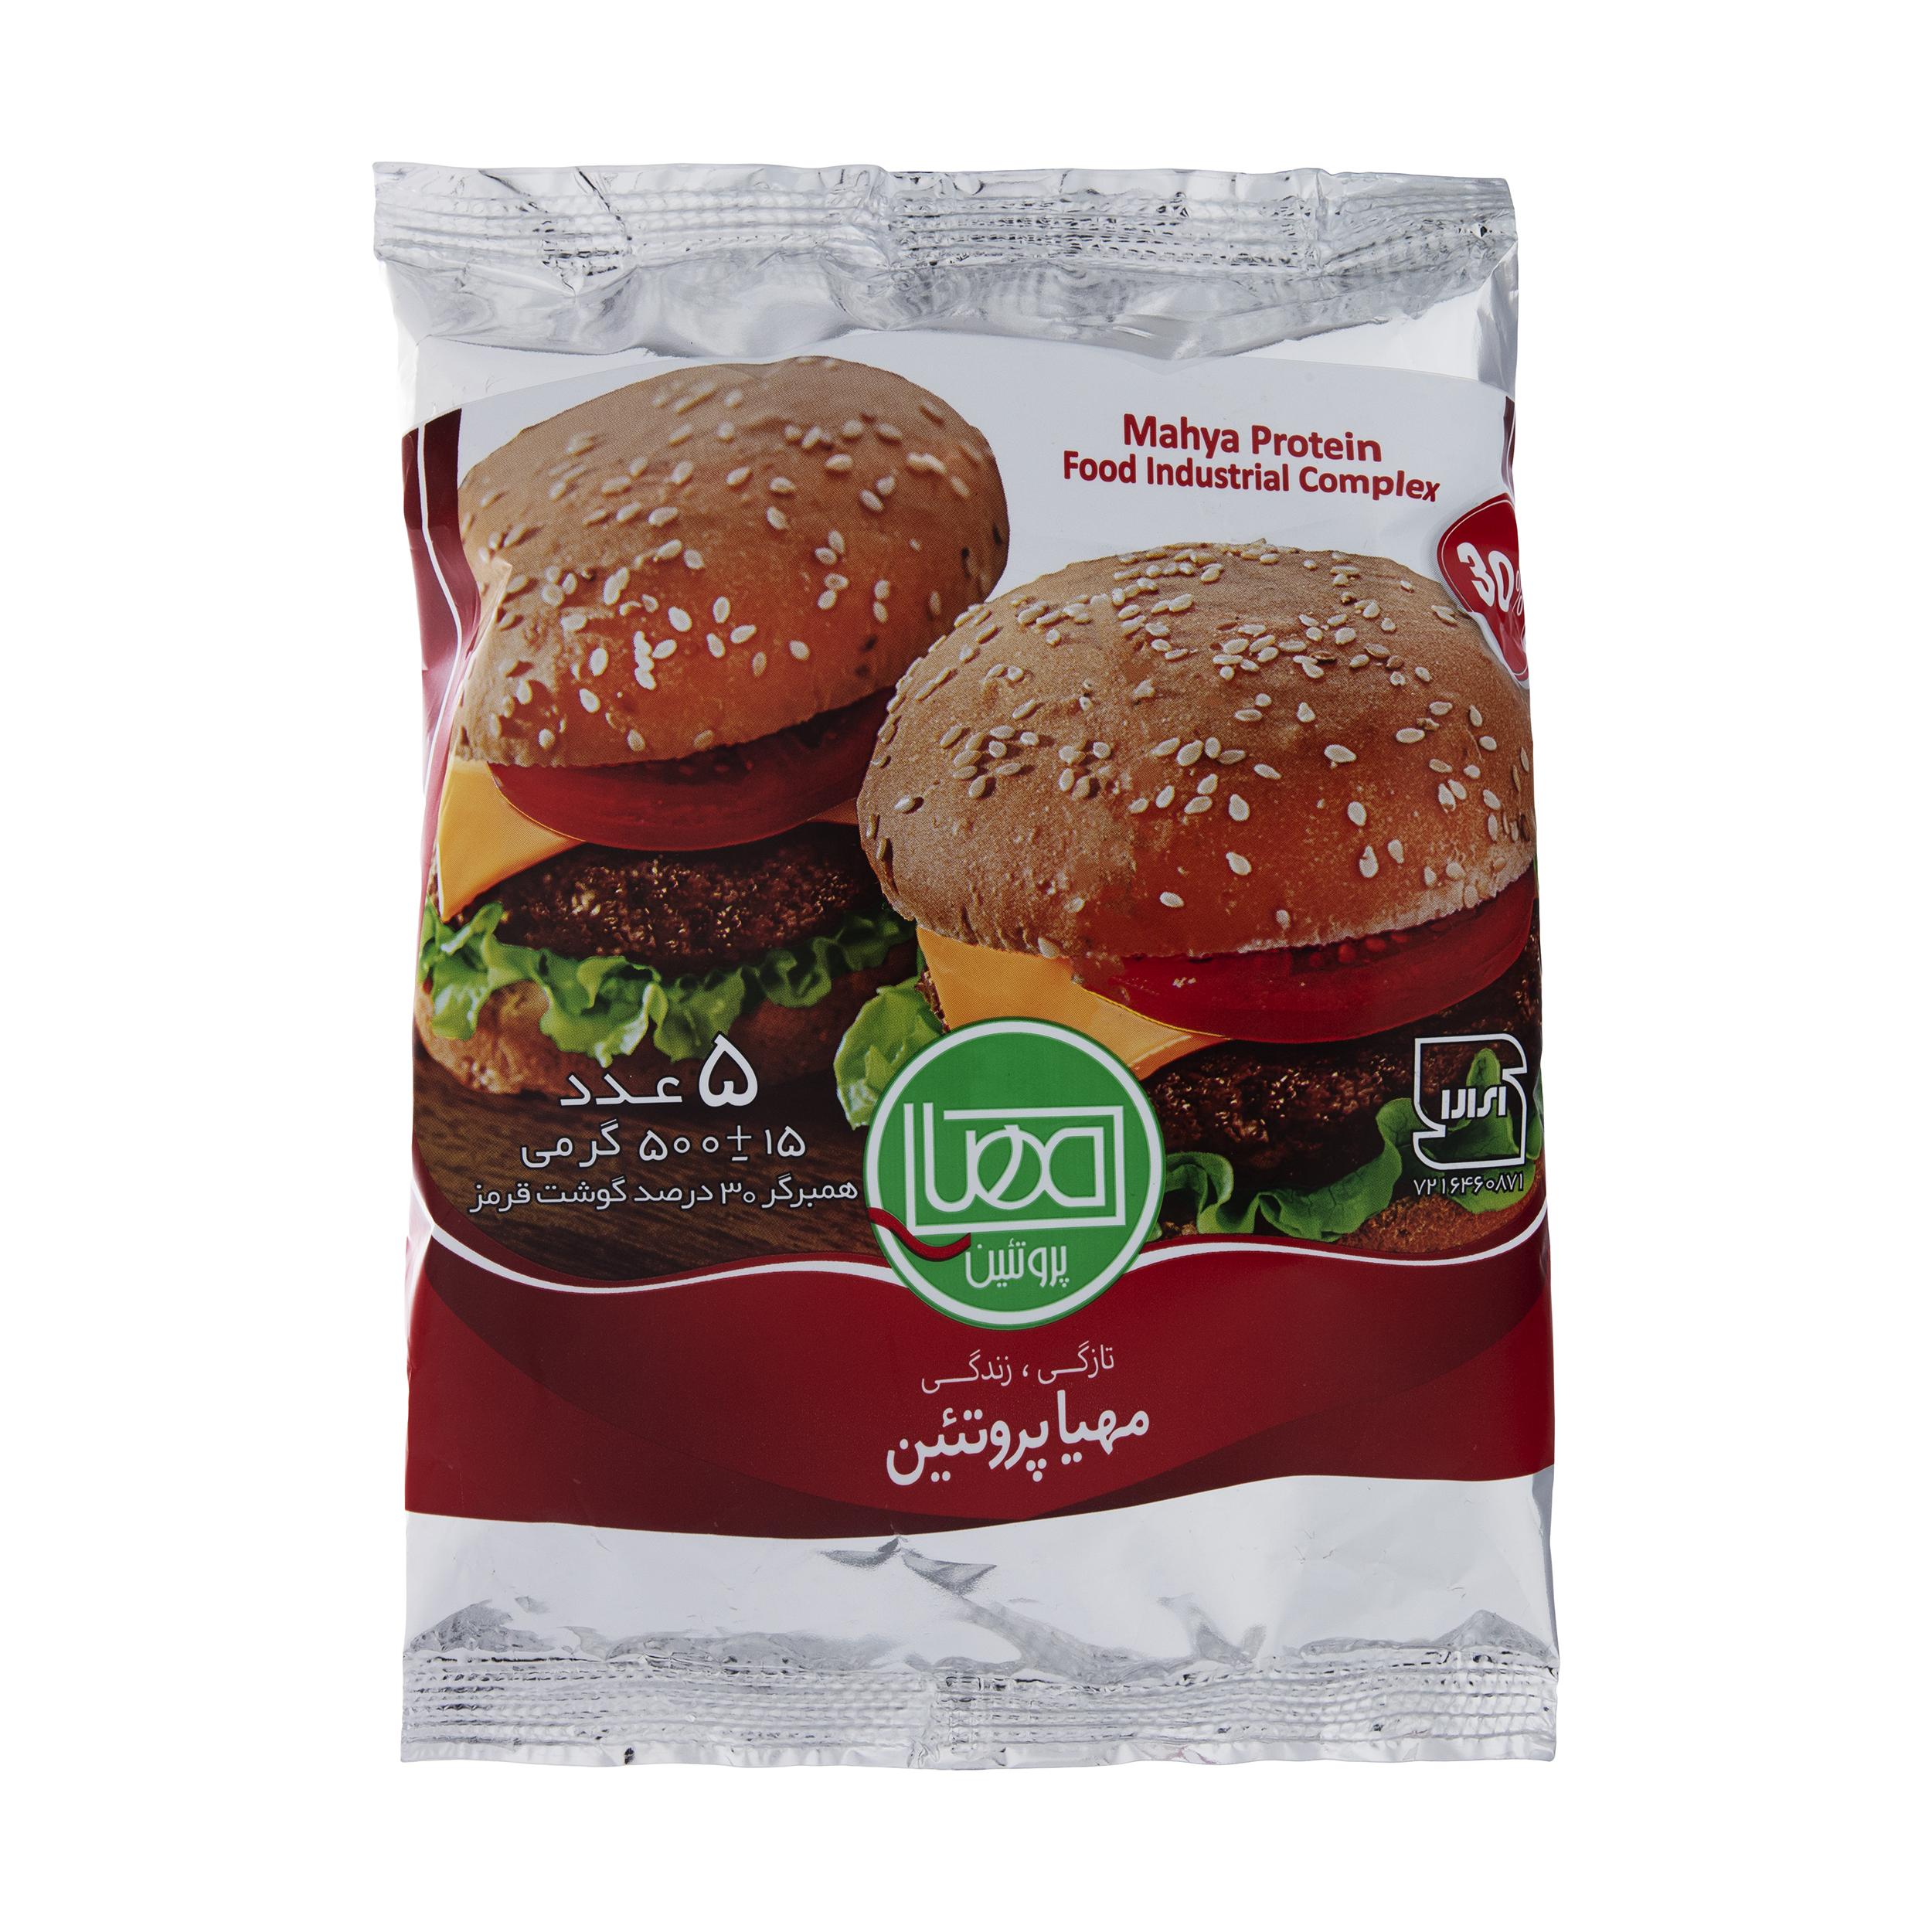 همبرگر 30 درصد گوشت مهیا پروتئین - بسته 5 عددی